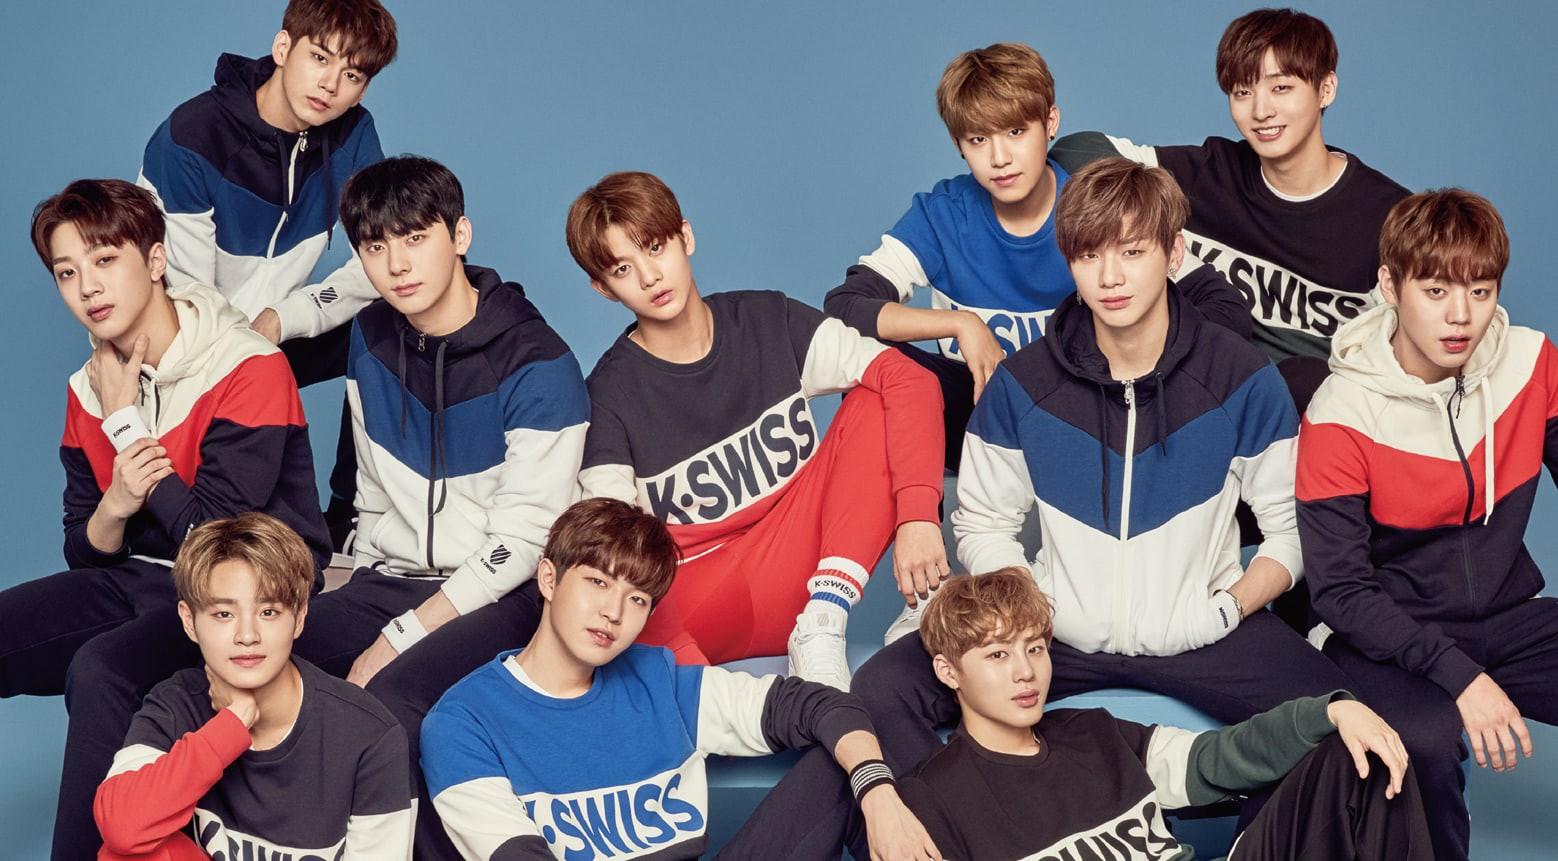 Nhóm nhạc mỹ nam Wanna One gây sốc với cát-xê chỉ sau 4 tháng ra mắt: 3 tỷ mỗi thành viên riêng quảng cáo - Ảnh 1.